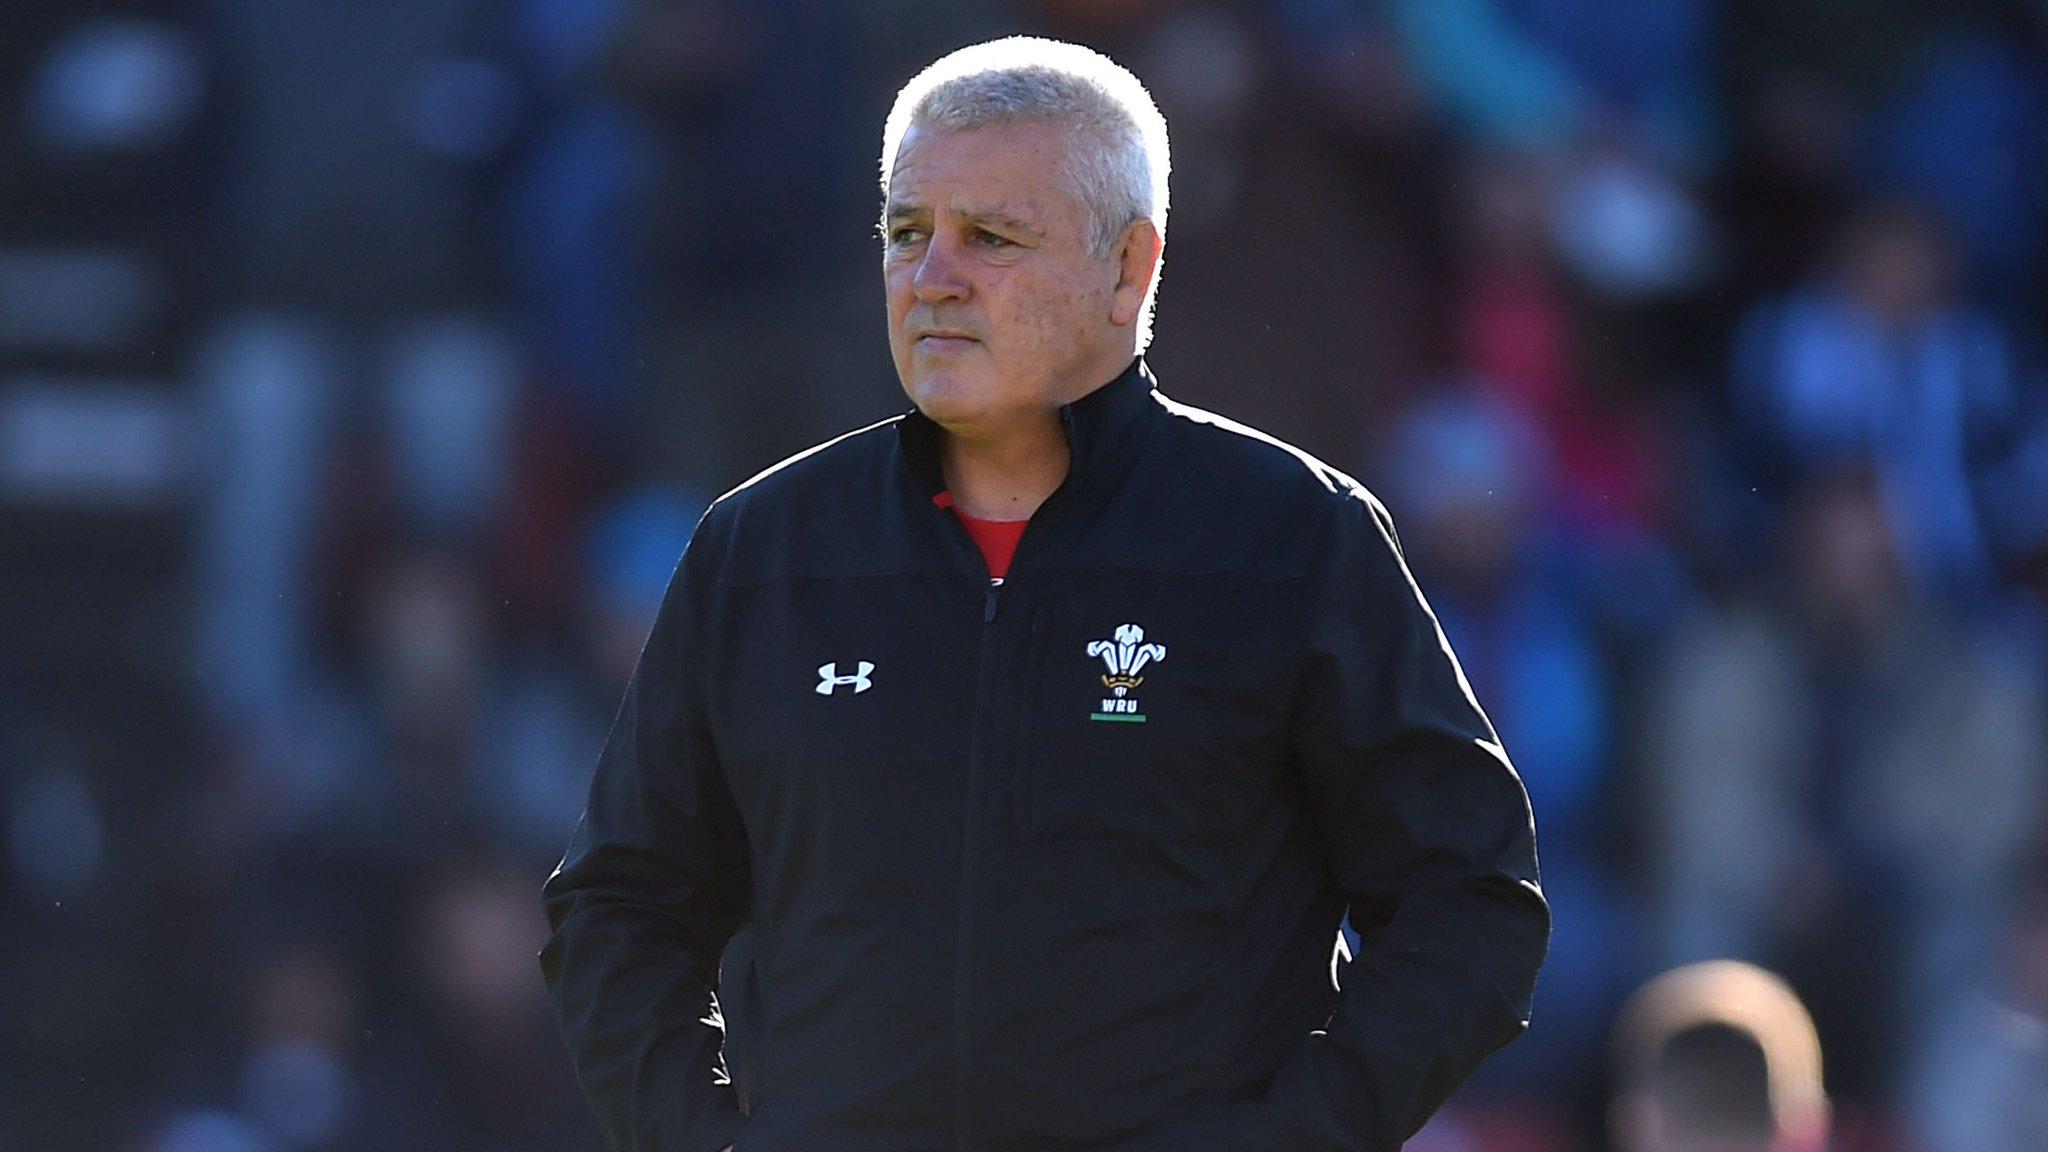 Warren Gatland: Wales coach says unbeaten tour is 'most pleasing' trip